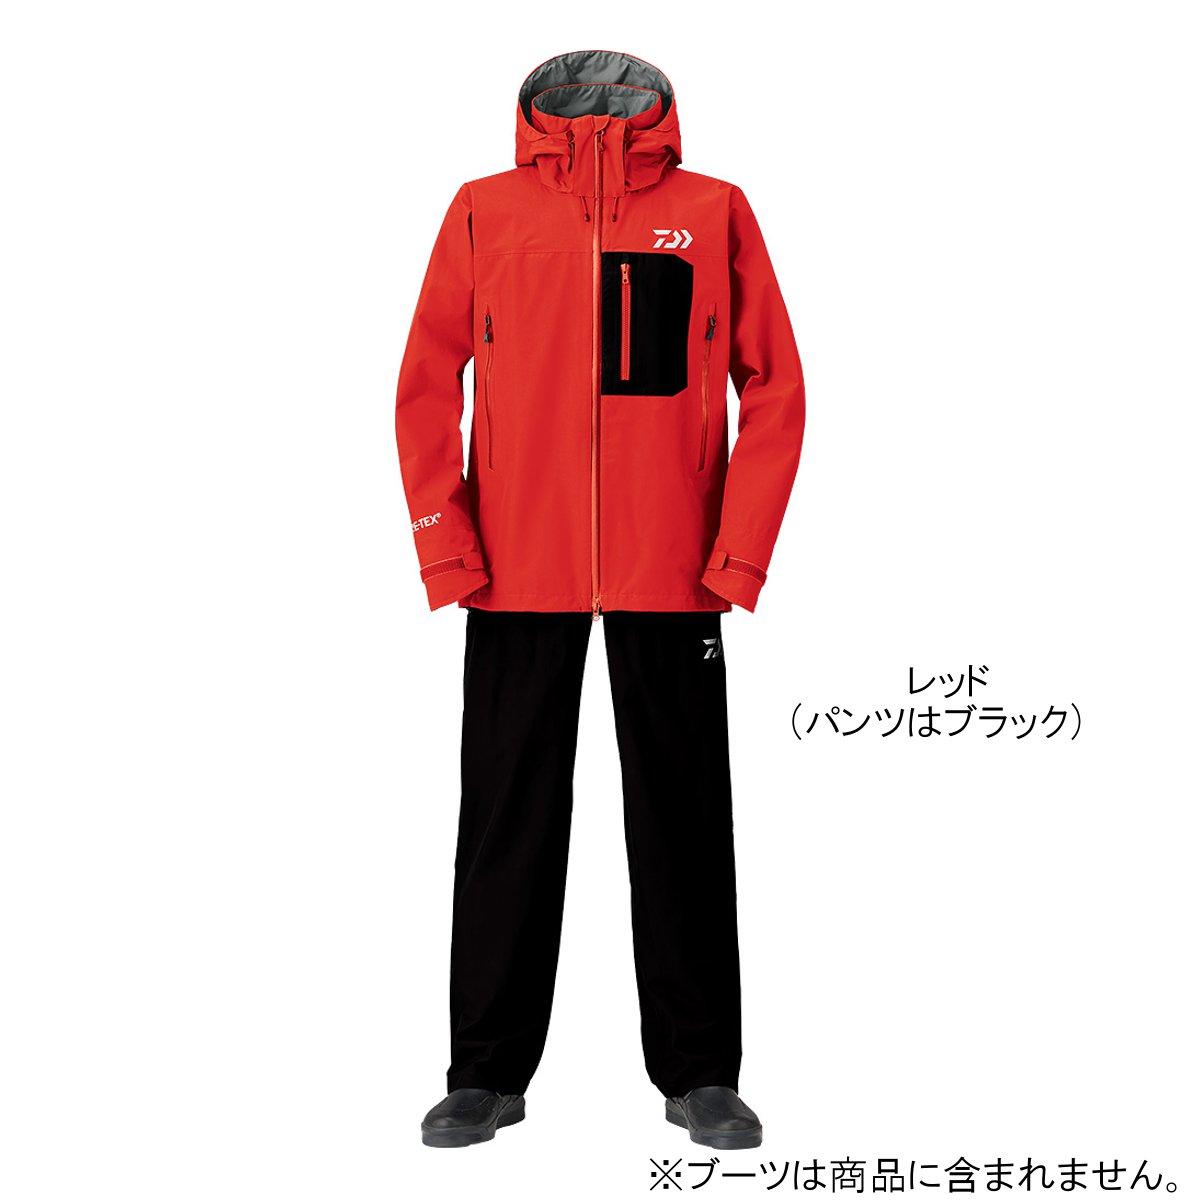 ダイワ ゴアテックスプロダクト パックライト レインスーツ DR-1908 XL レッド(東日本店)